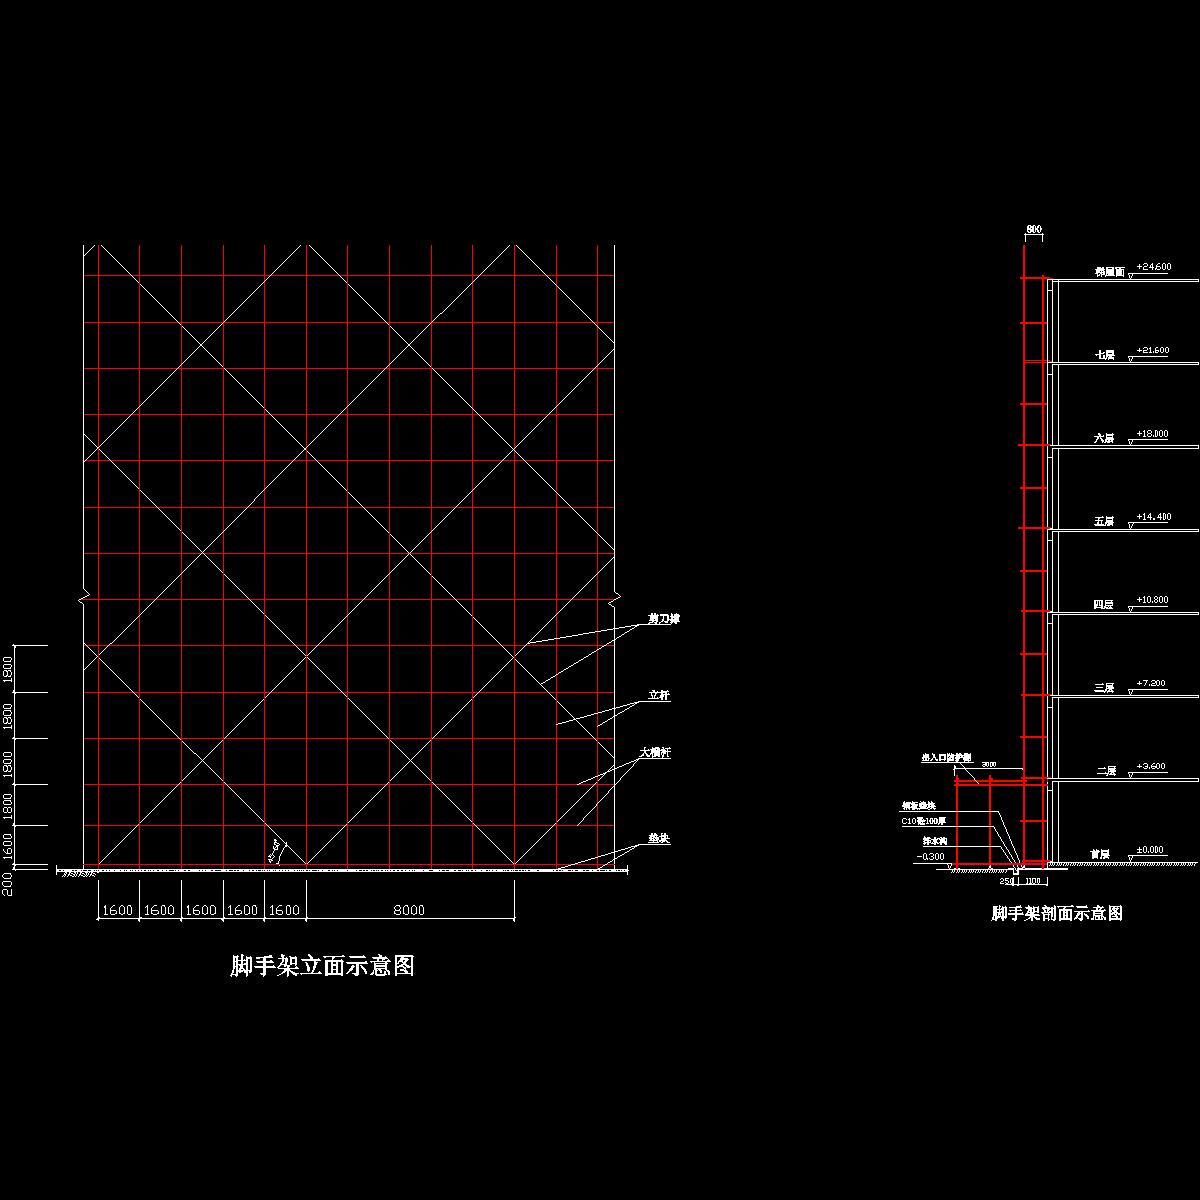 排栅剖立图2010.3.31.dwg